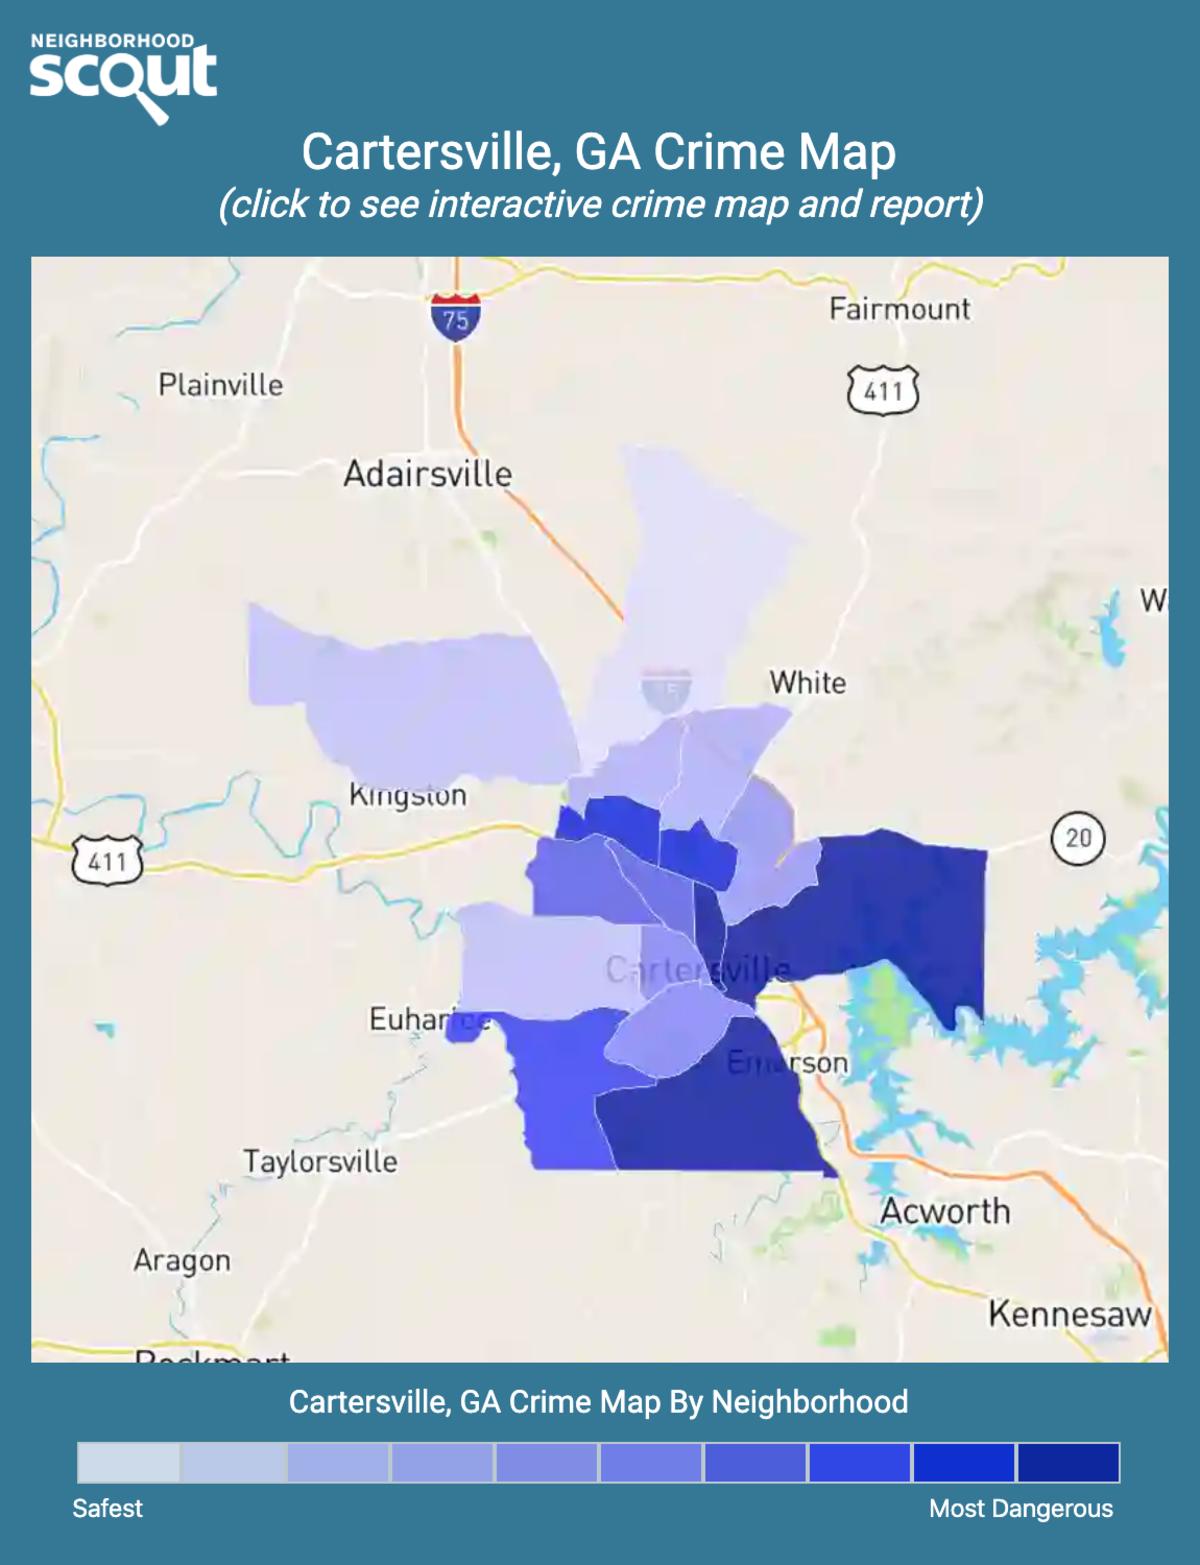 Cartersville, Georgia crime map